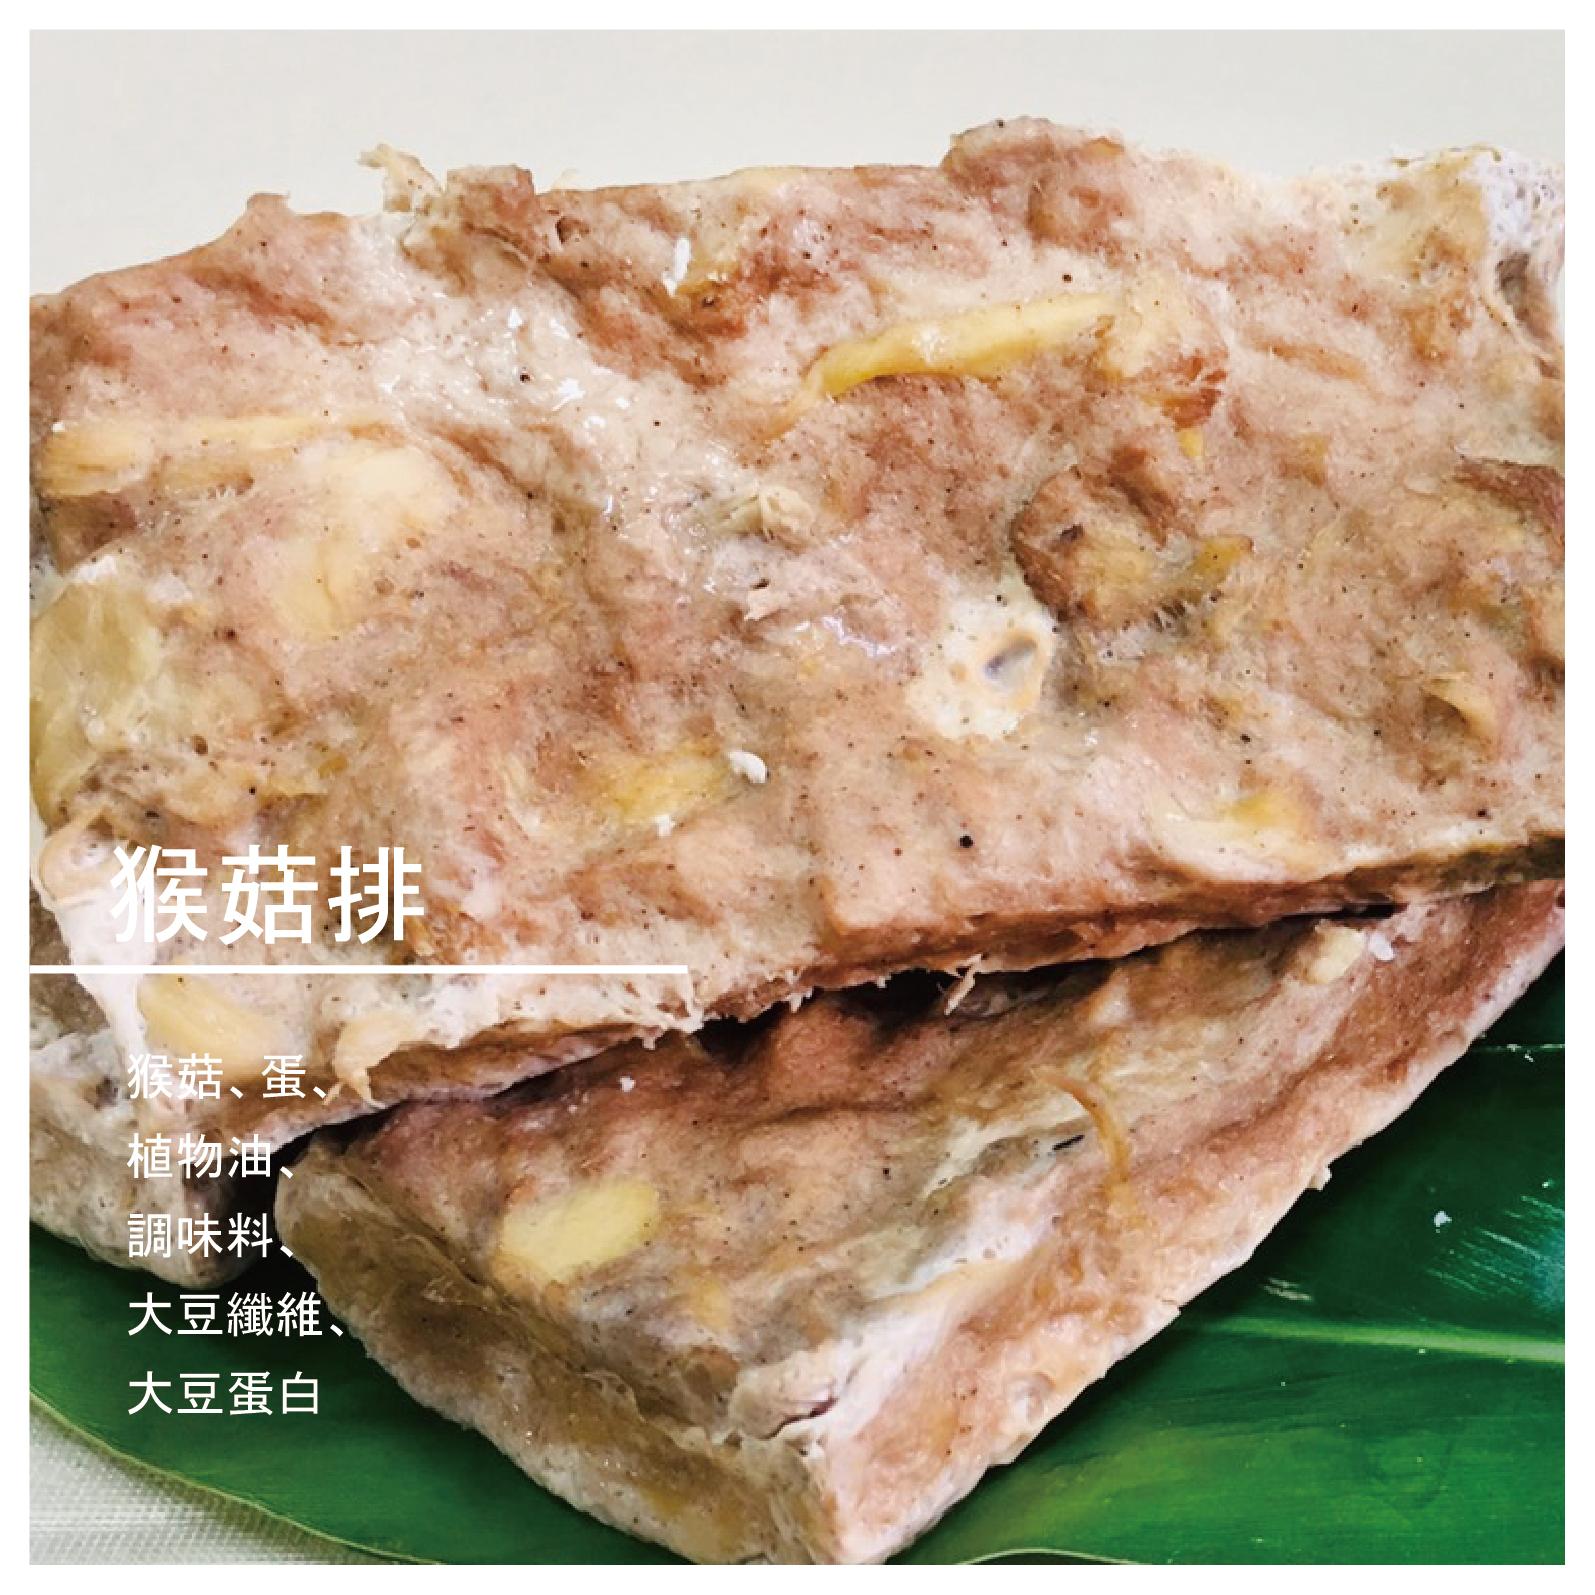 【發宇國際貿易有限公司】猴菇排 / 600g (蛋奶素)